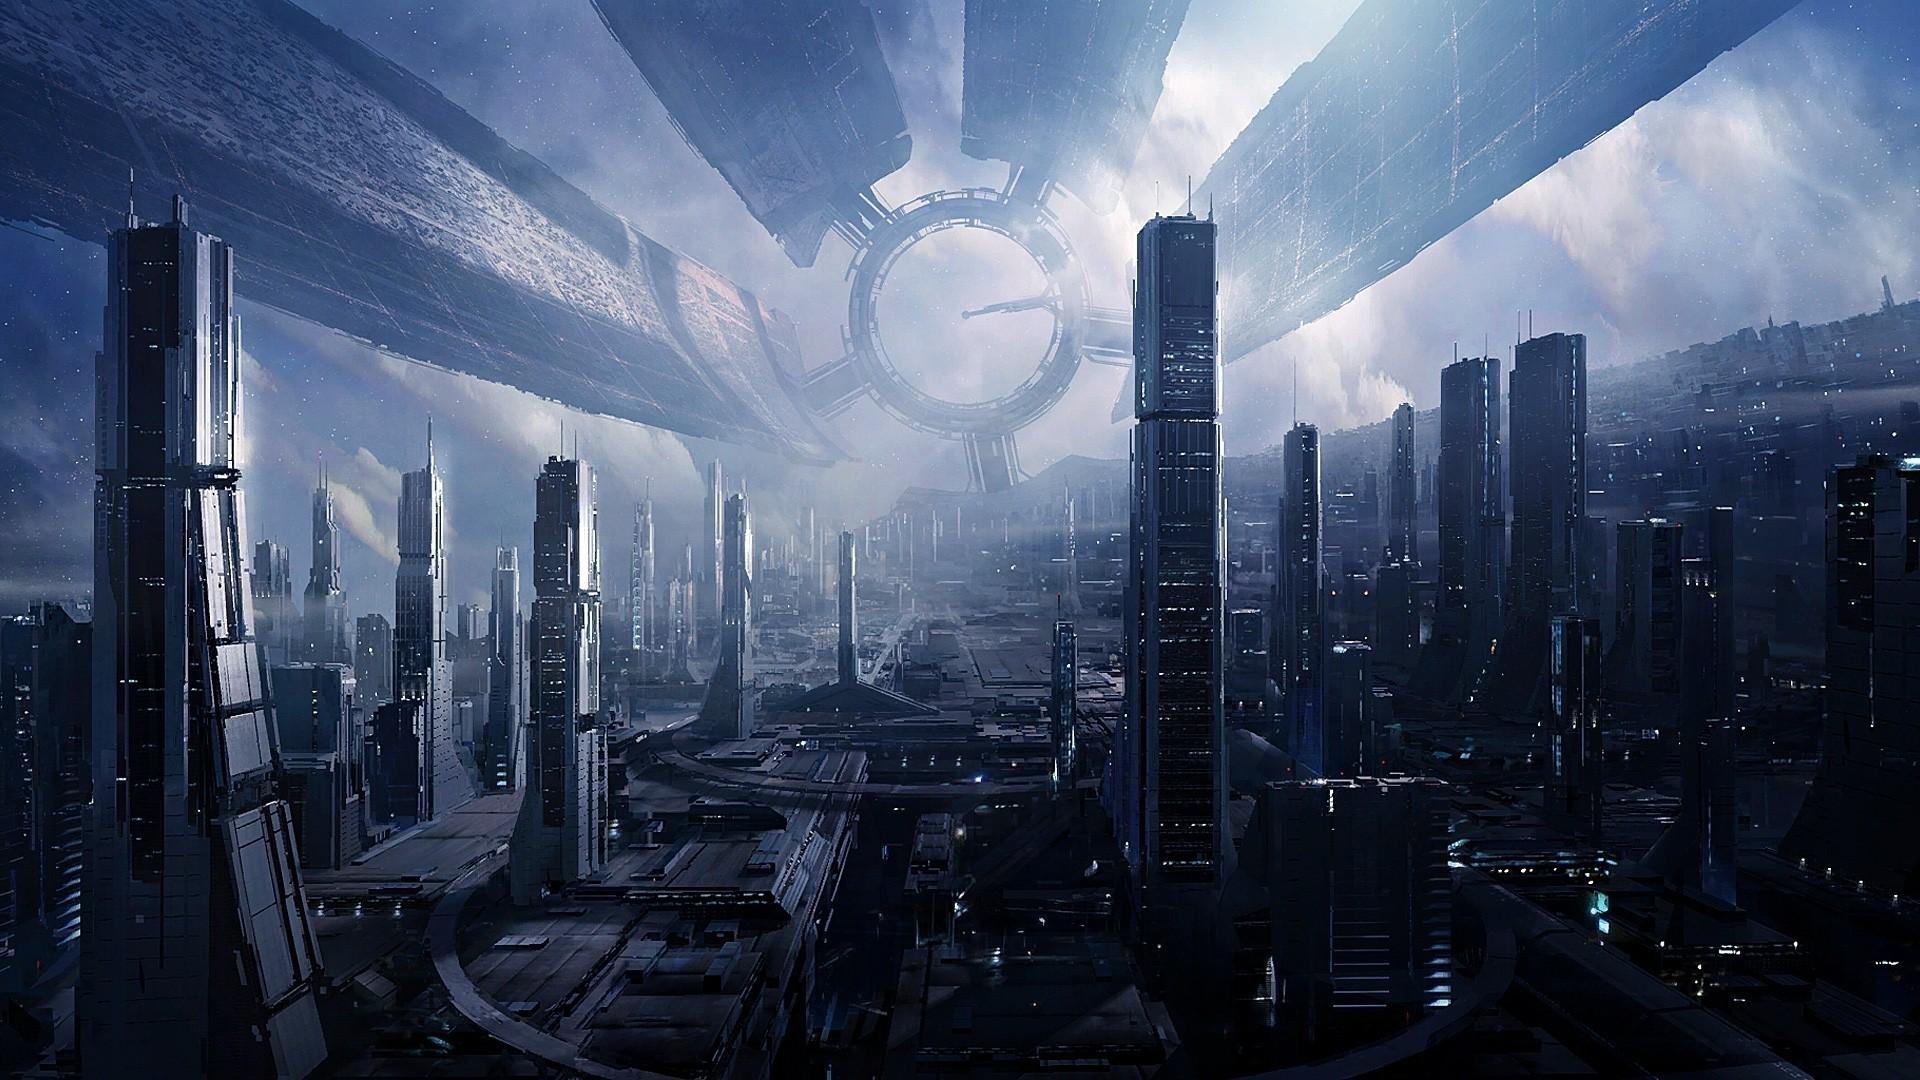 Mass Effect Wallpaper theme